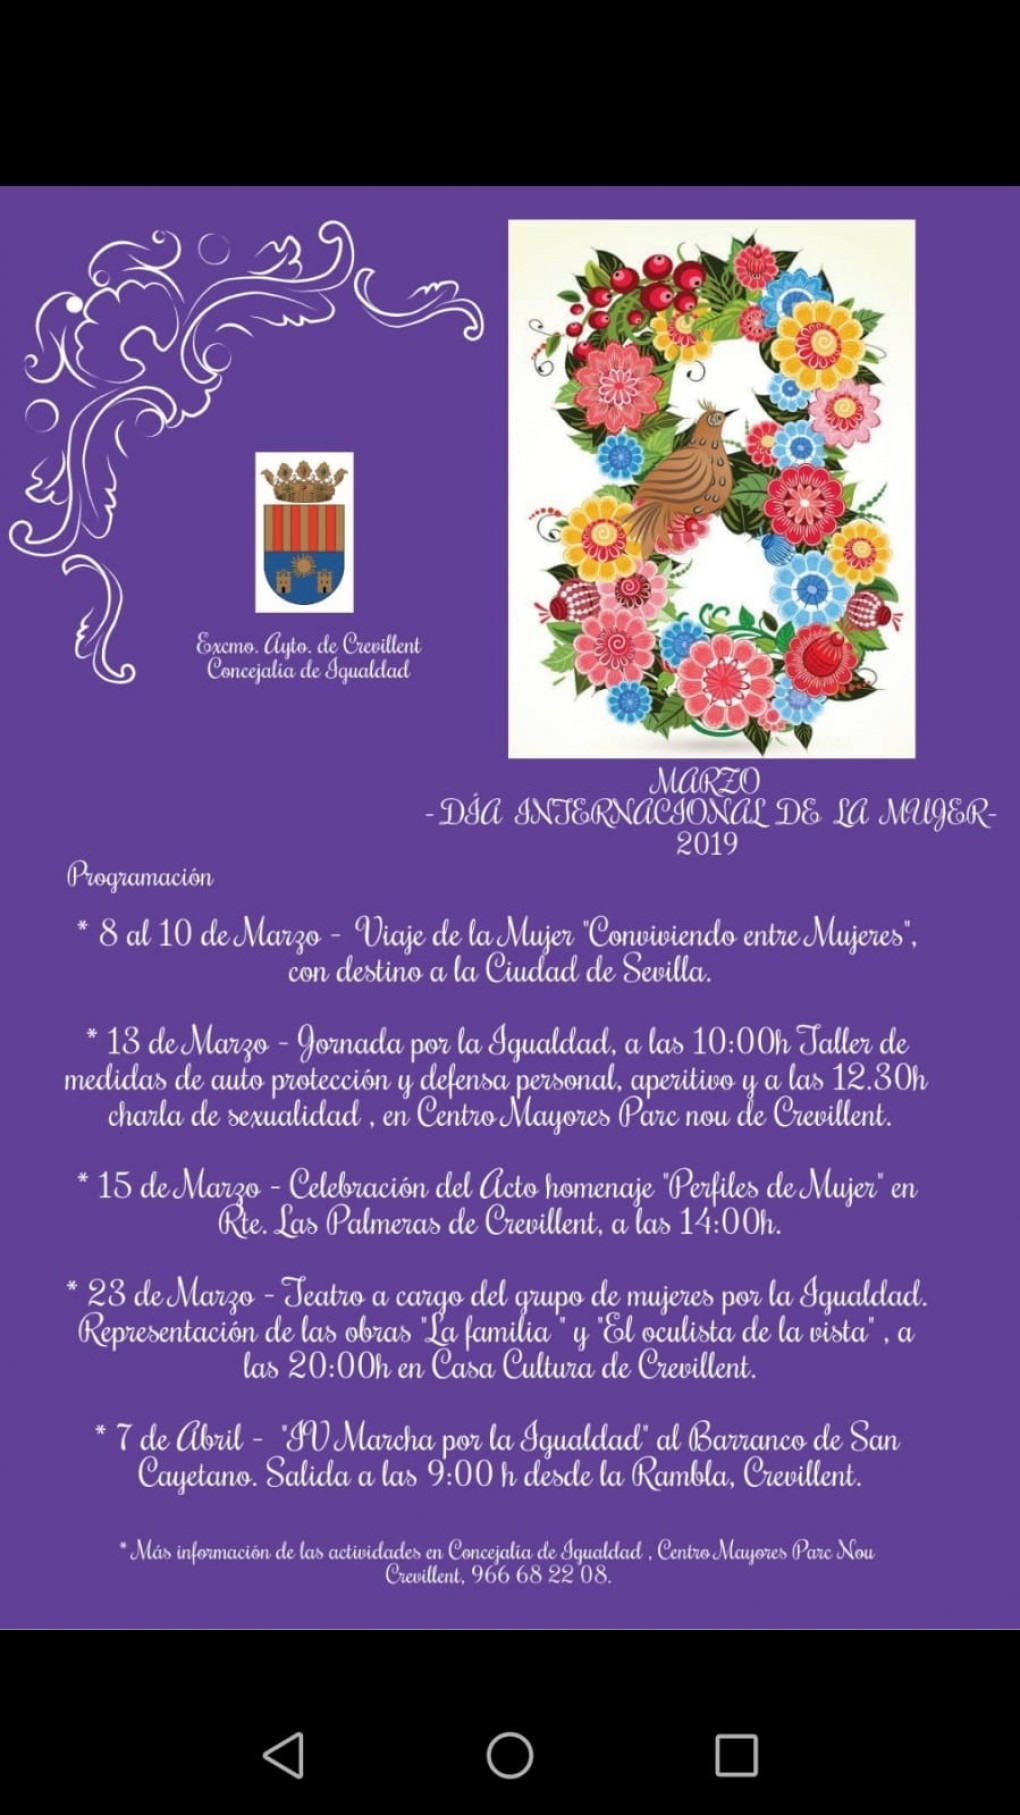 Igualdad organiza varias actividades para conmemorar el Día Internacional de la Mujer